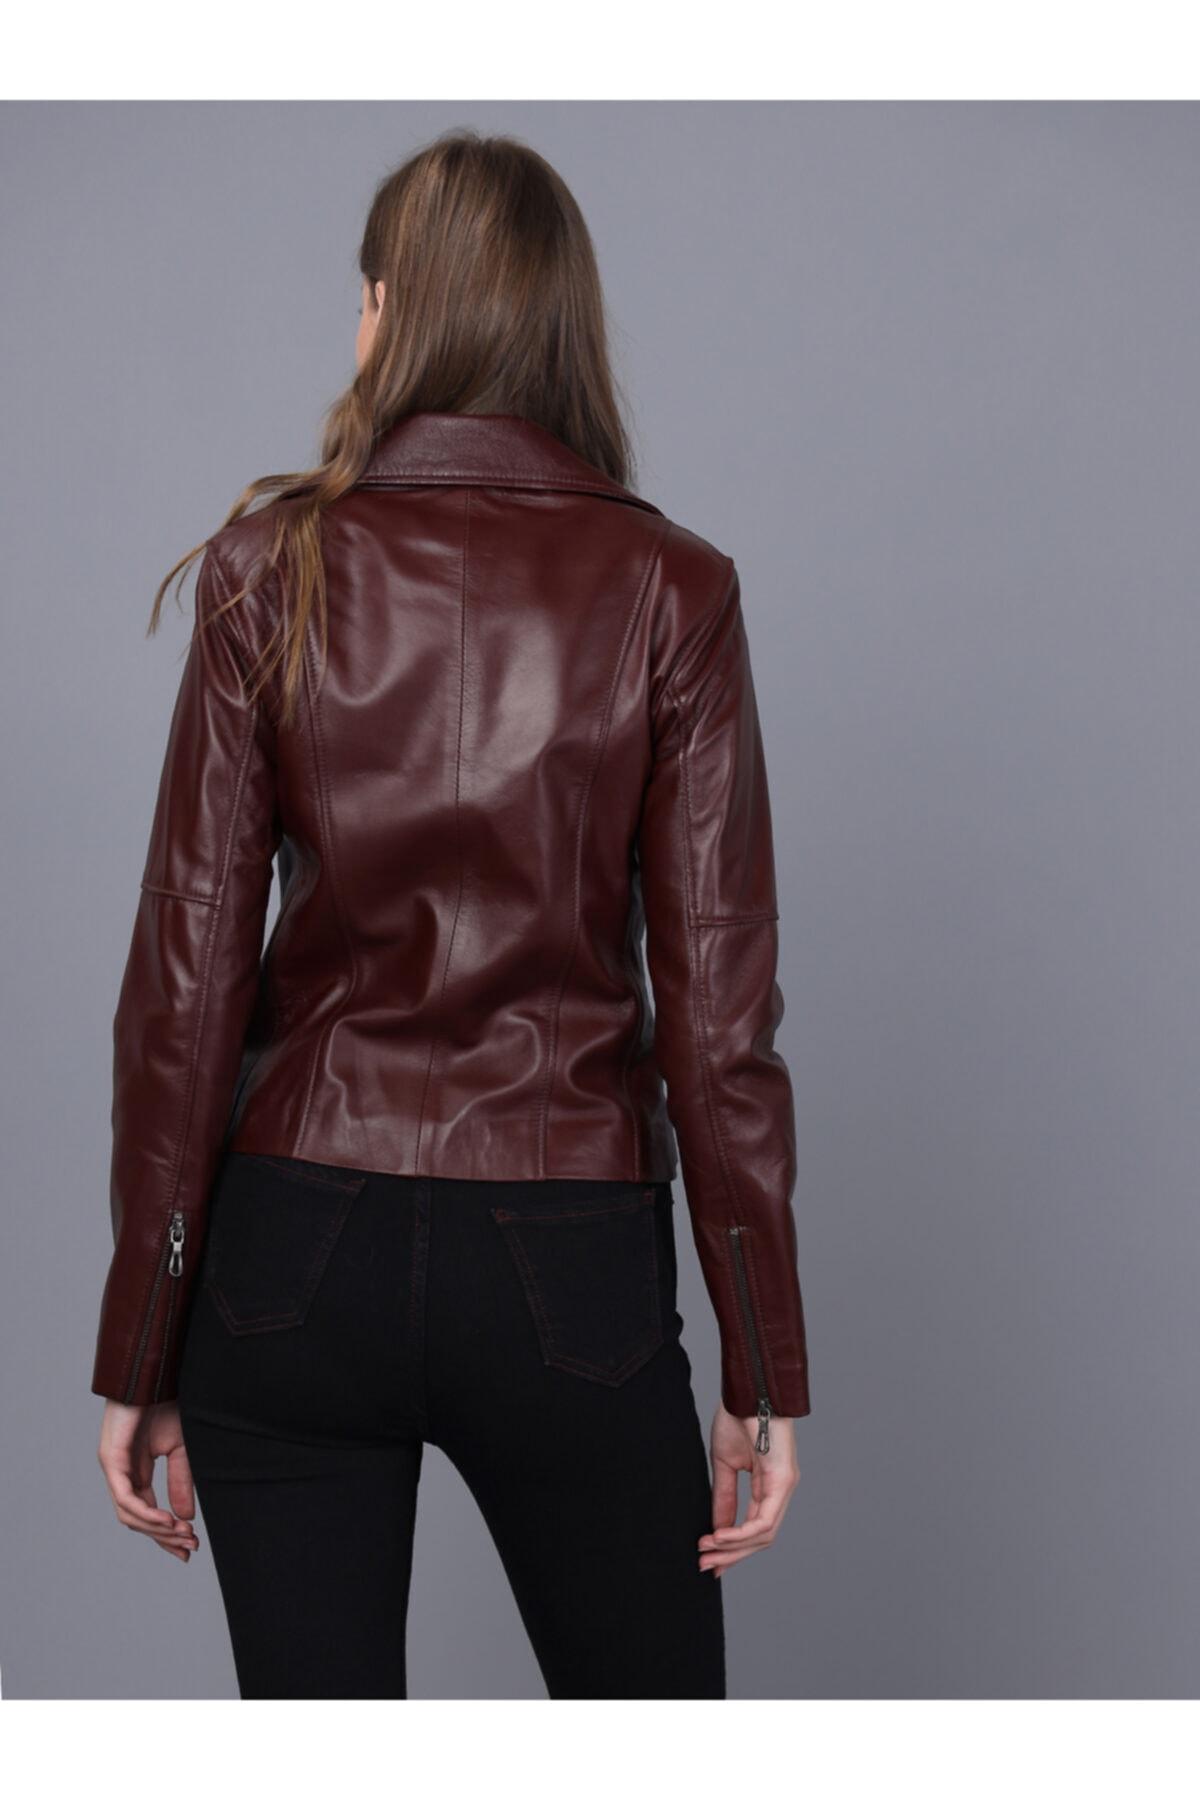 Basics&More Kadın Bordo Deri Ceket 2